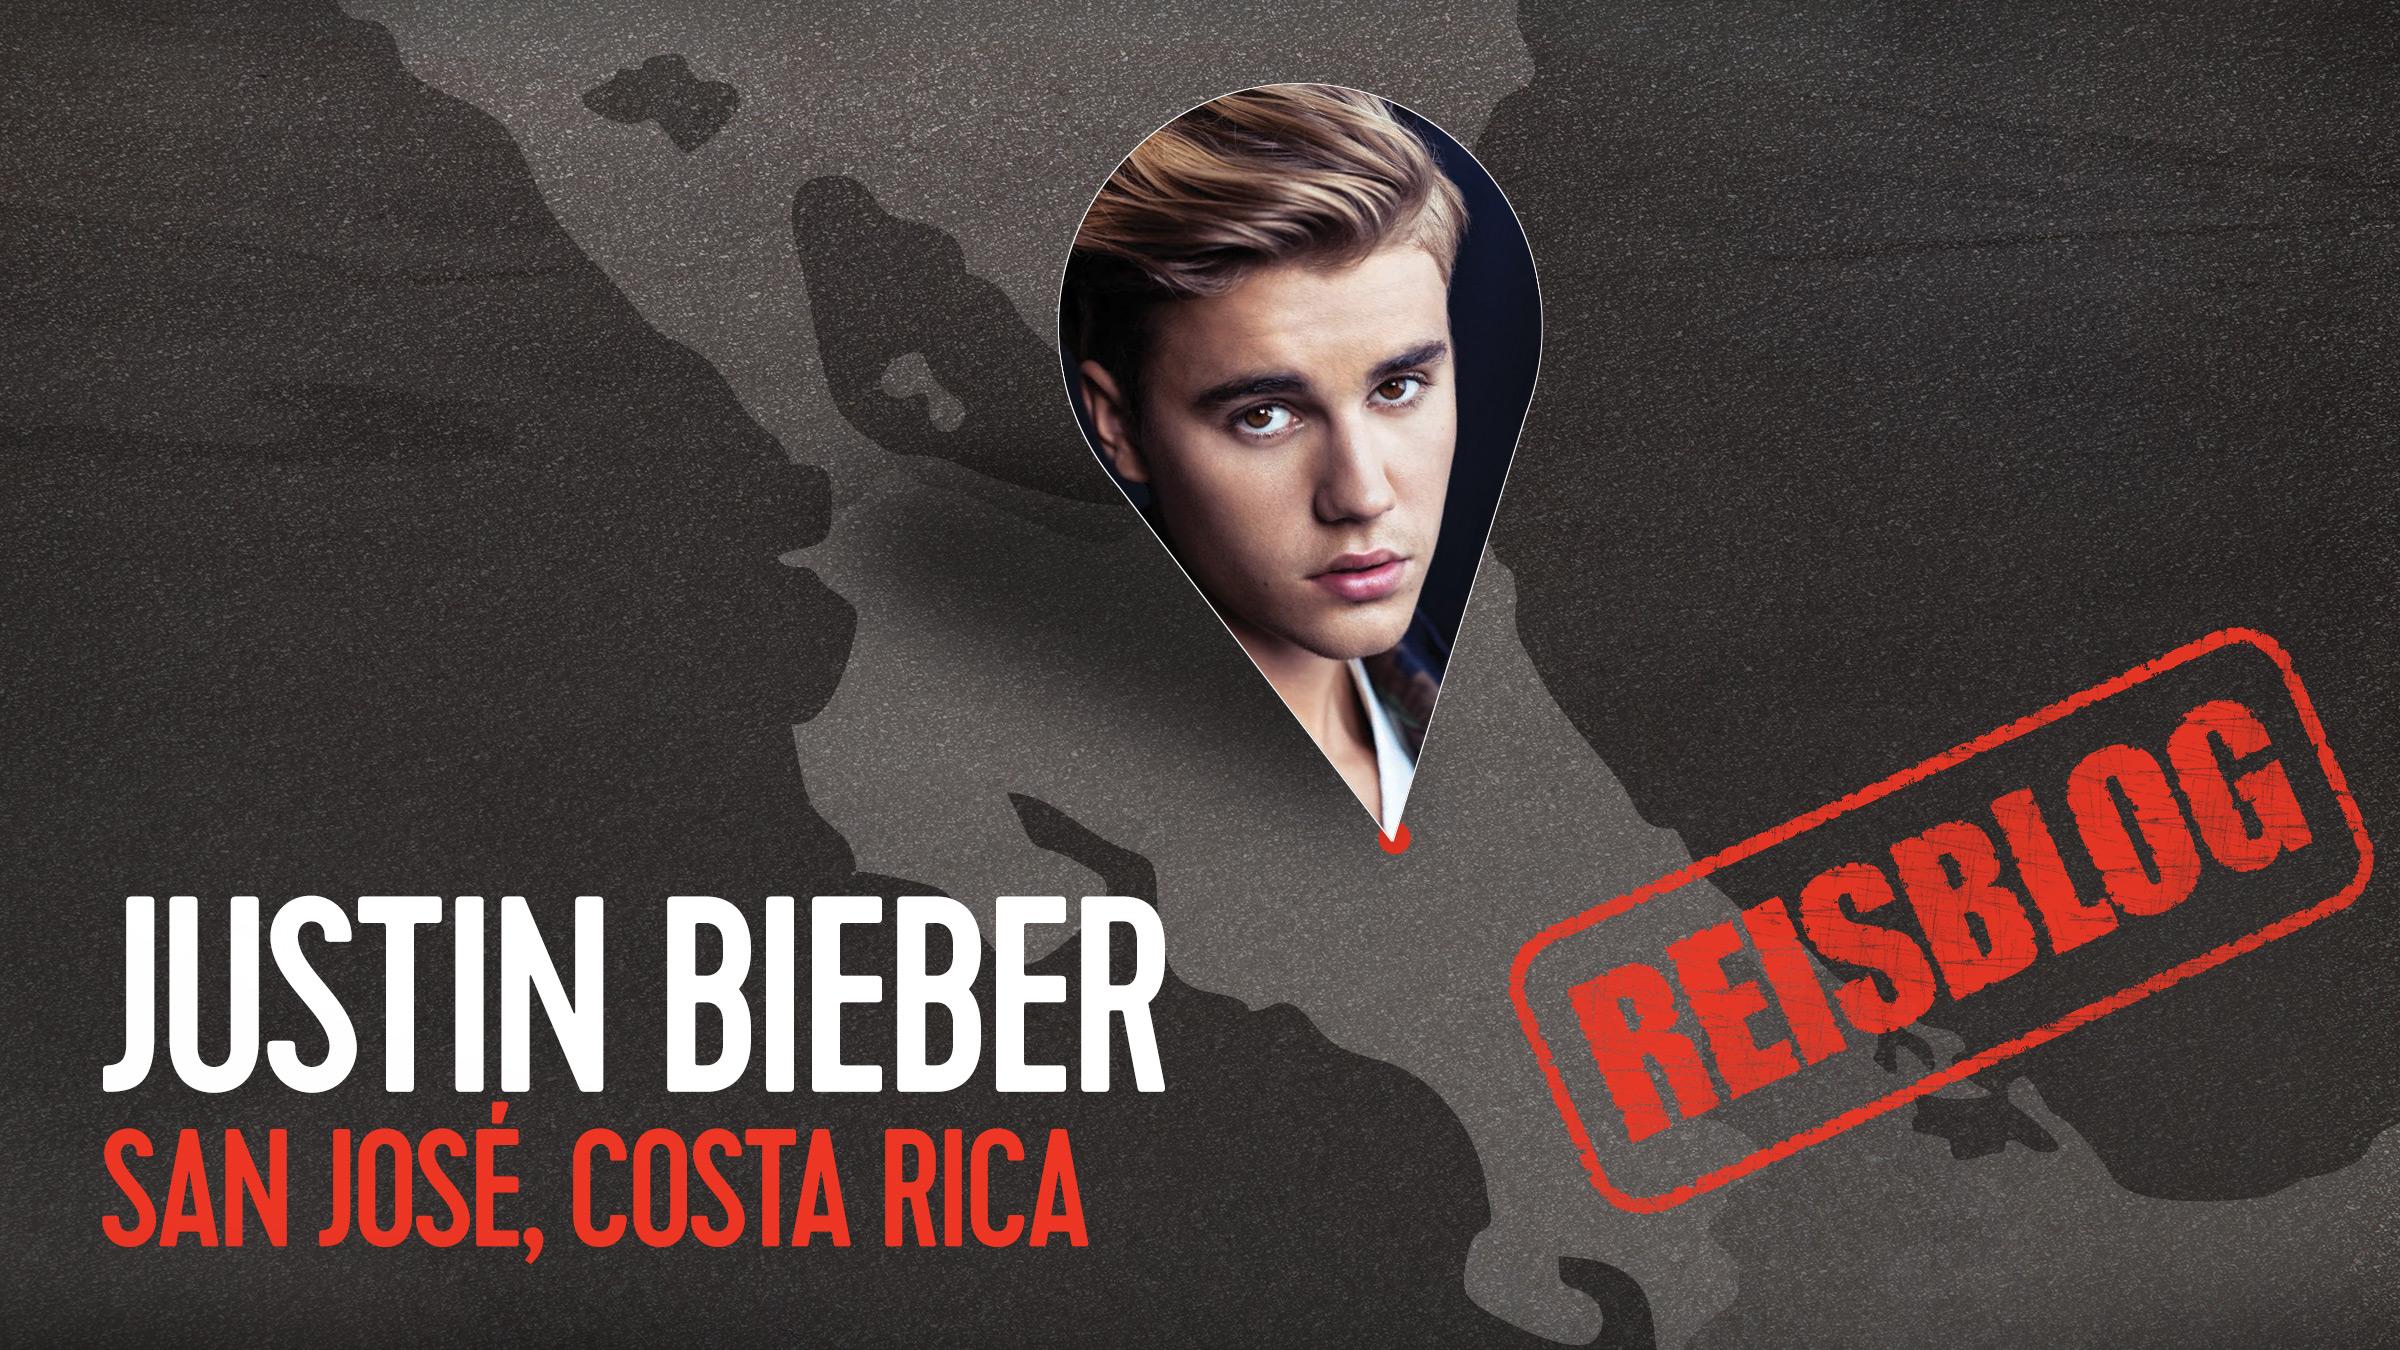 Bieber teaser